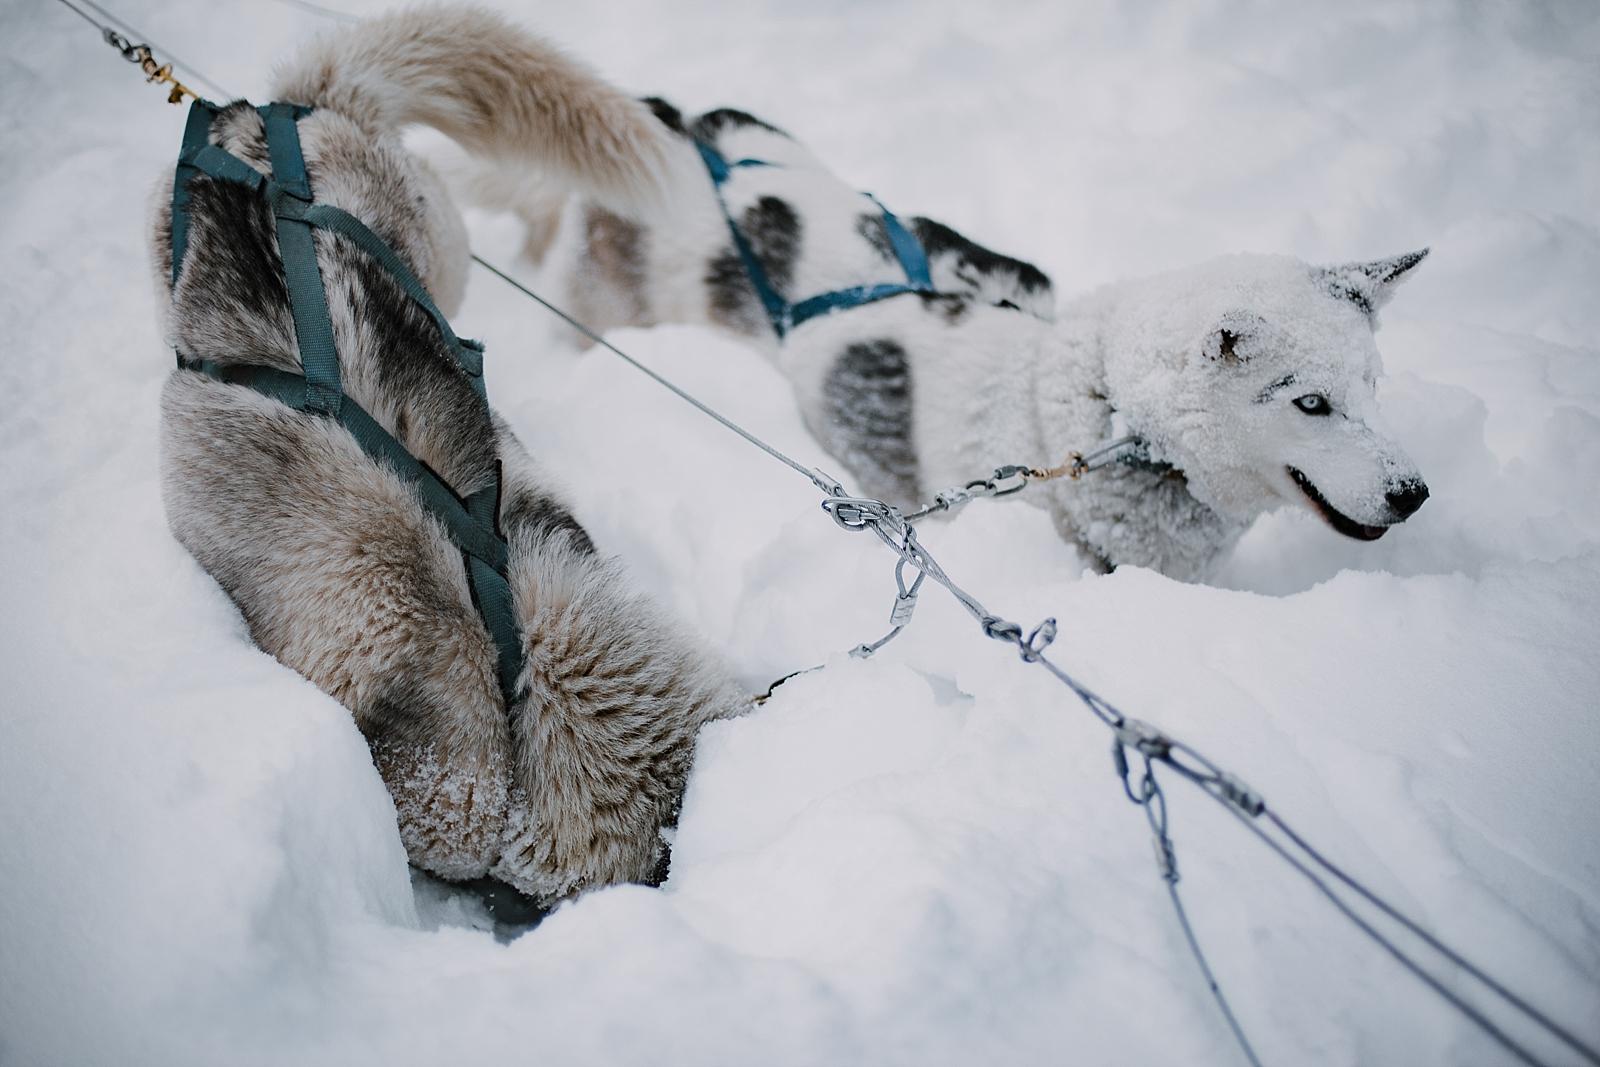 husky diving into snow, norway elopement photographer, greenland elopement photographer, iceland elopement photographer, sweden elopement photographer